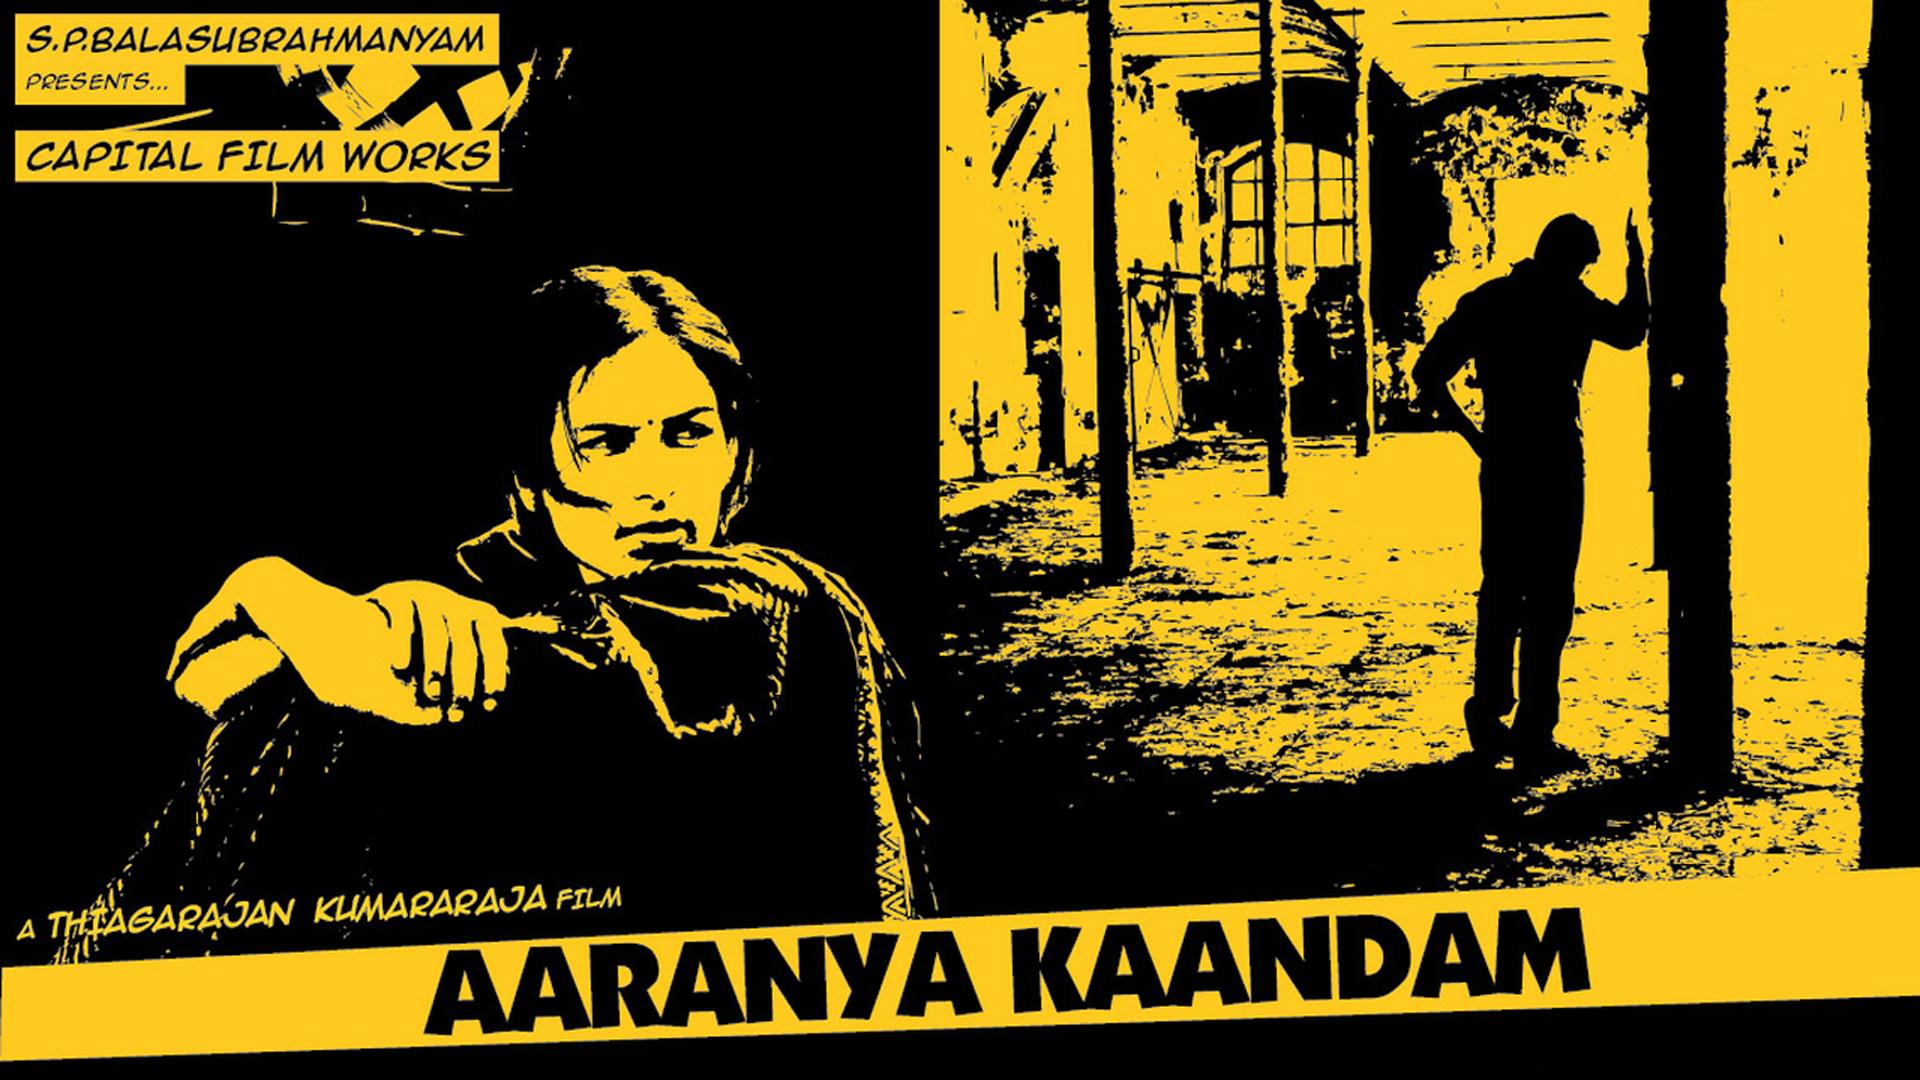 Aaranya Kaandam Picture Gallery